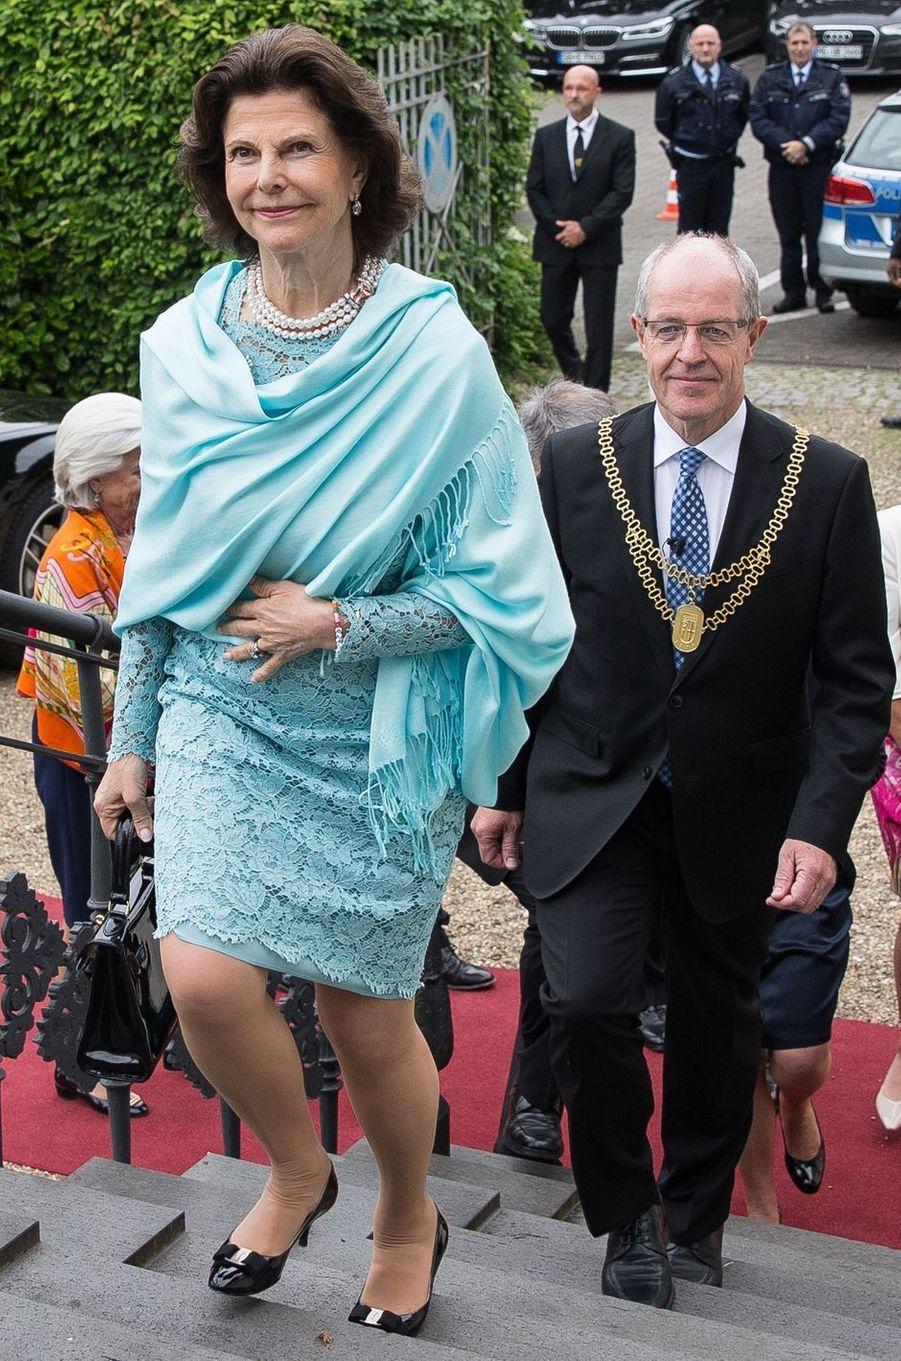 La reine Silvia de Suède à Mönchengladbach, le 24 mai 2016